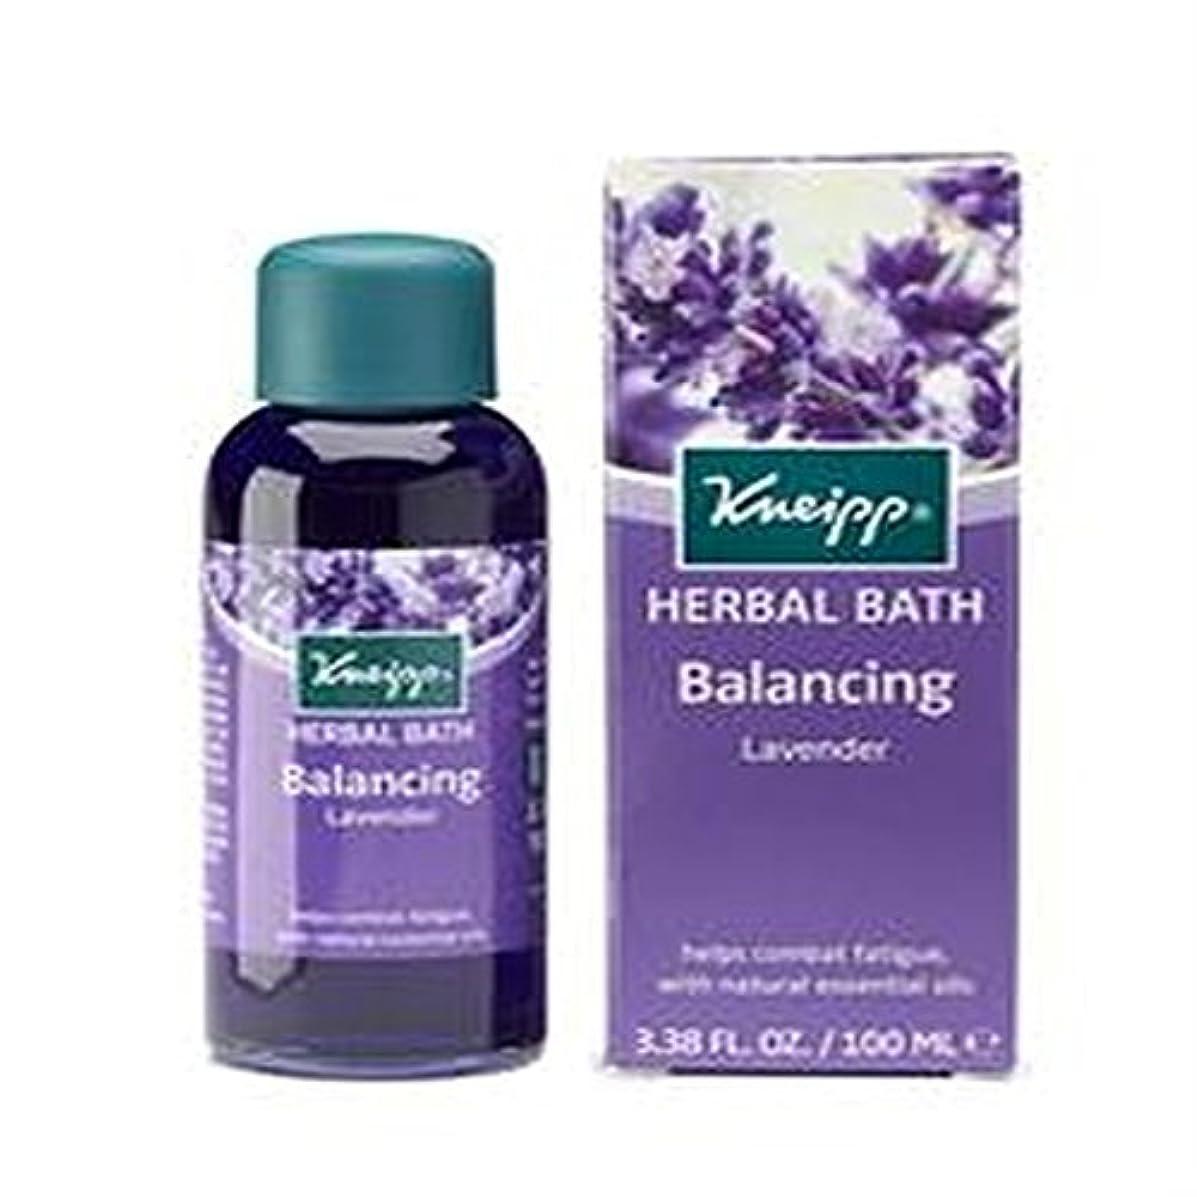 聖域ホームレス無限Kneipp Balancing Lavender Herbal Bath - 3.38 Oz. (並行輸入品) [並行輸入品]